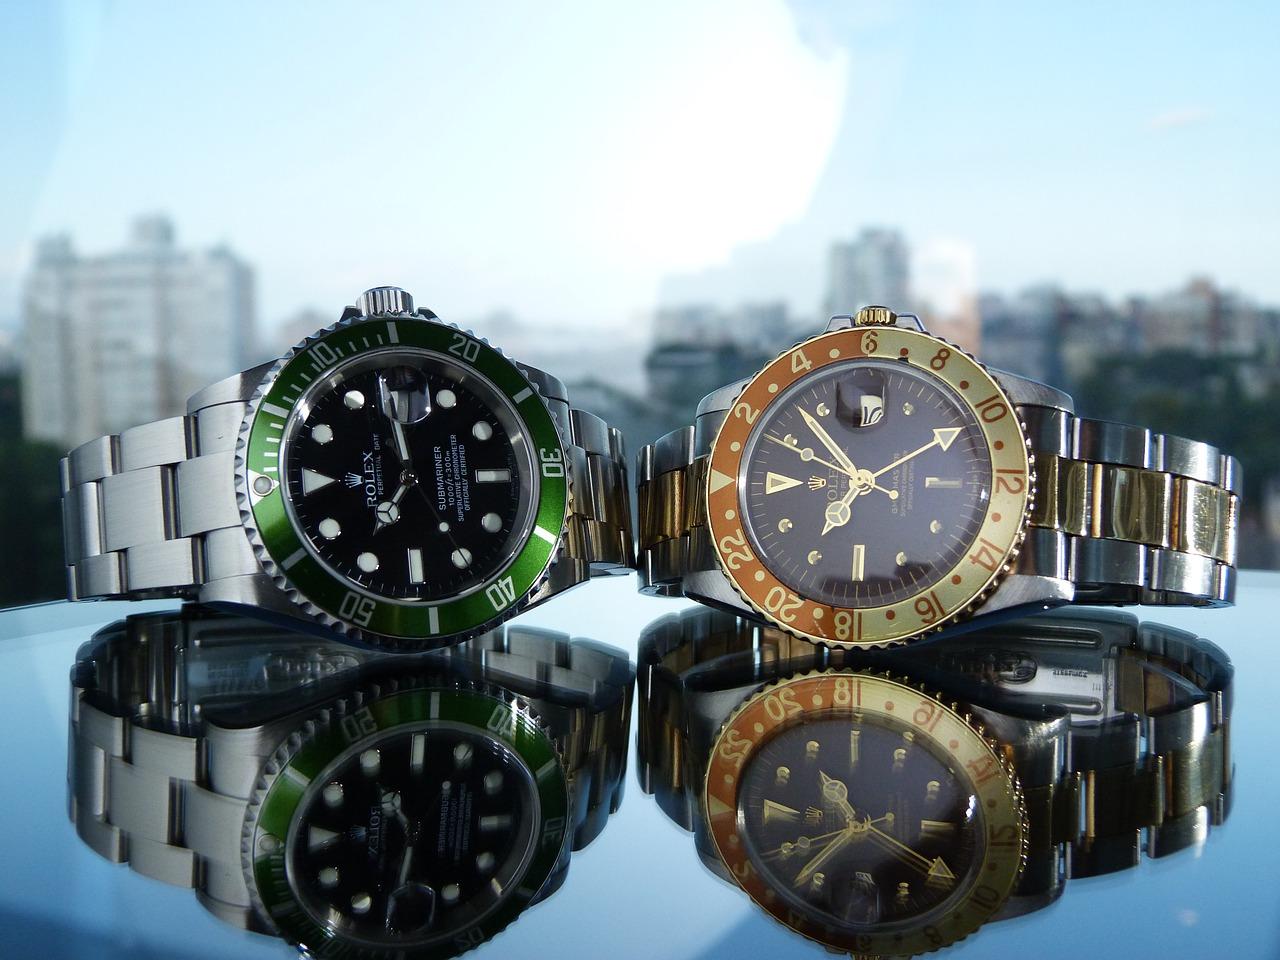 efc17b5c1f 高級腕時計の選び方とは?選ぶ際に注意すべきポイント4つ | コミット銀座